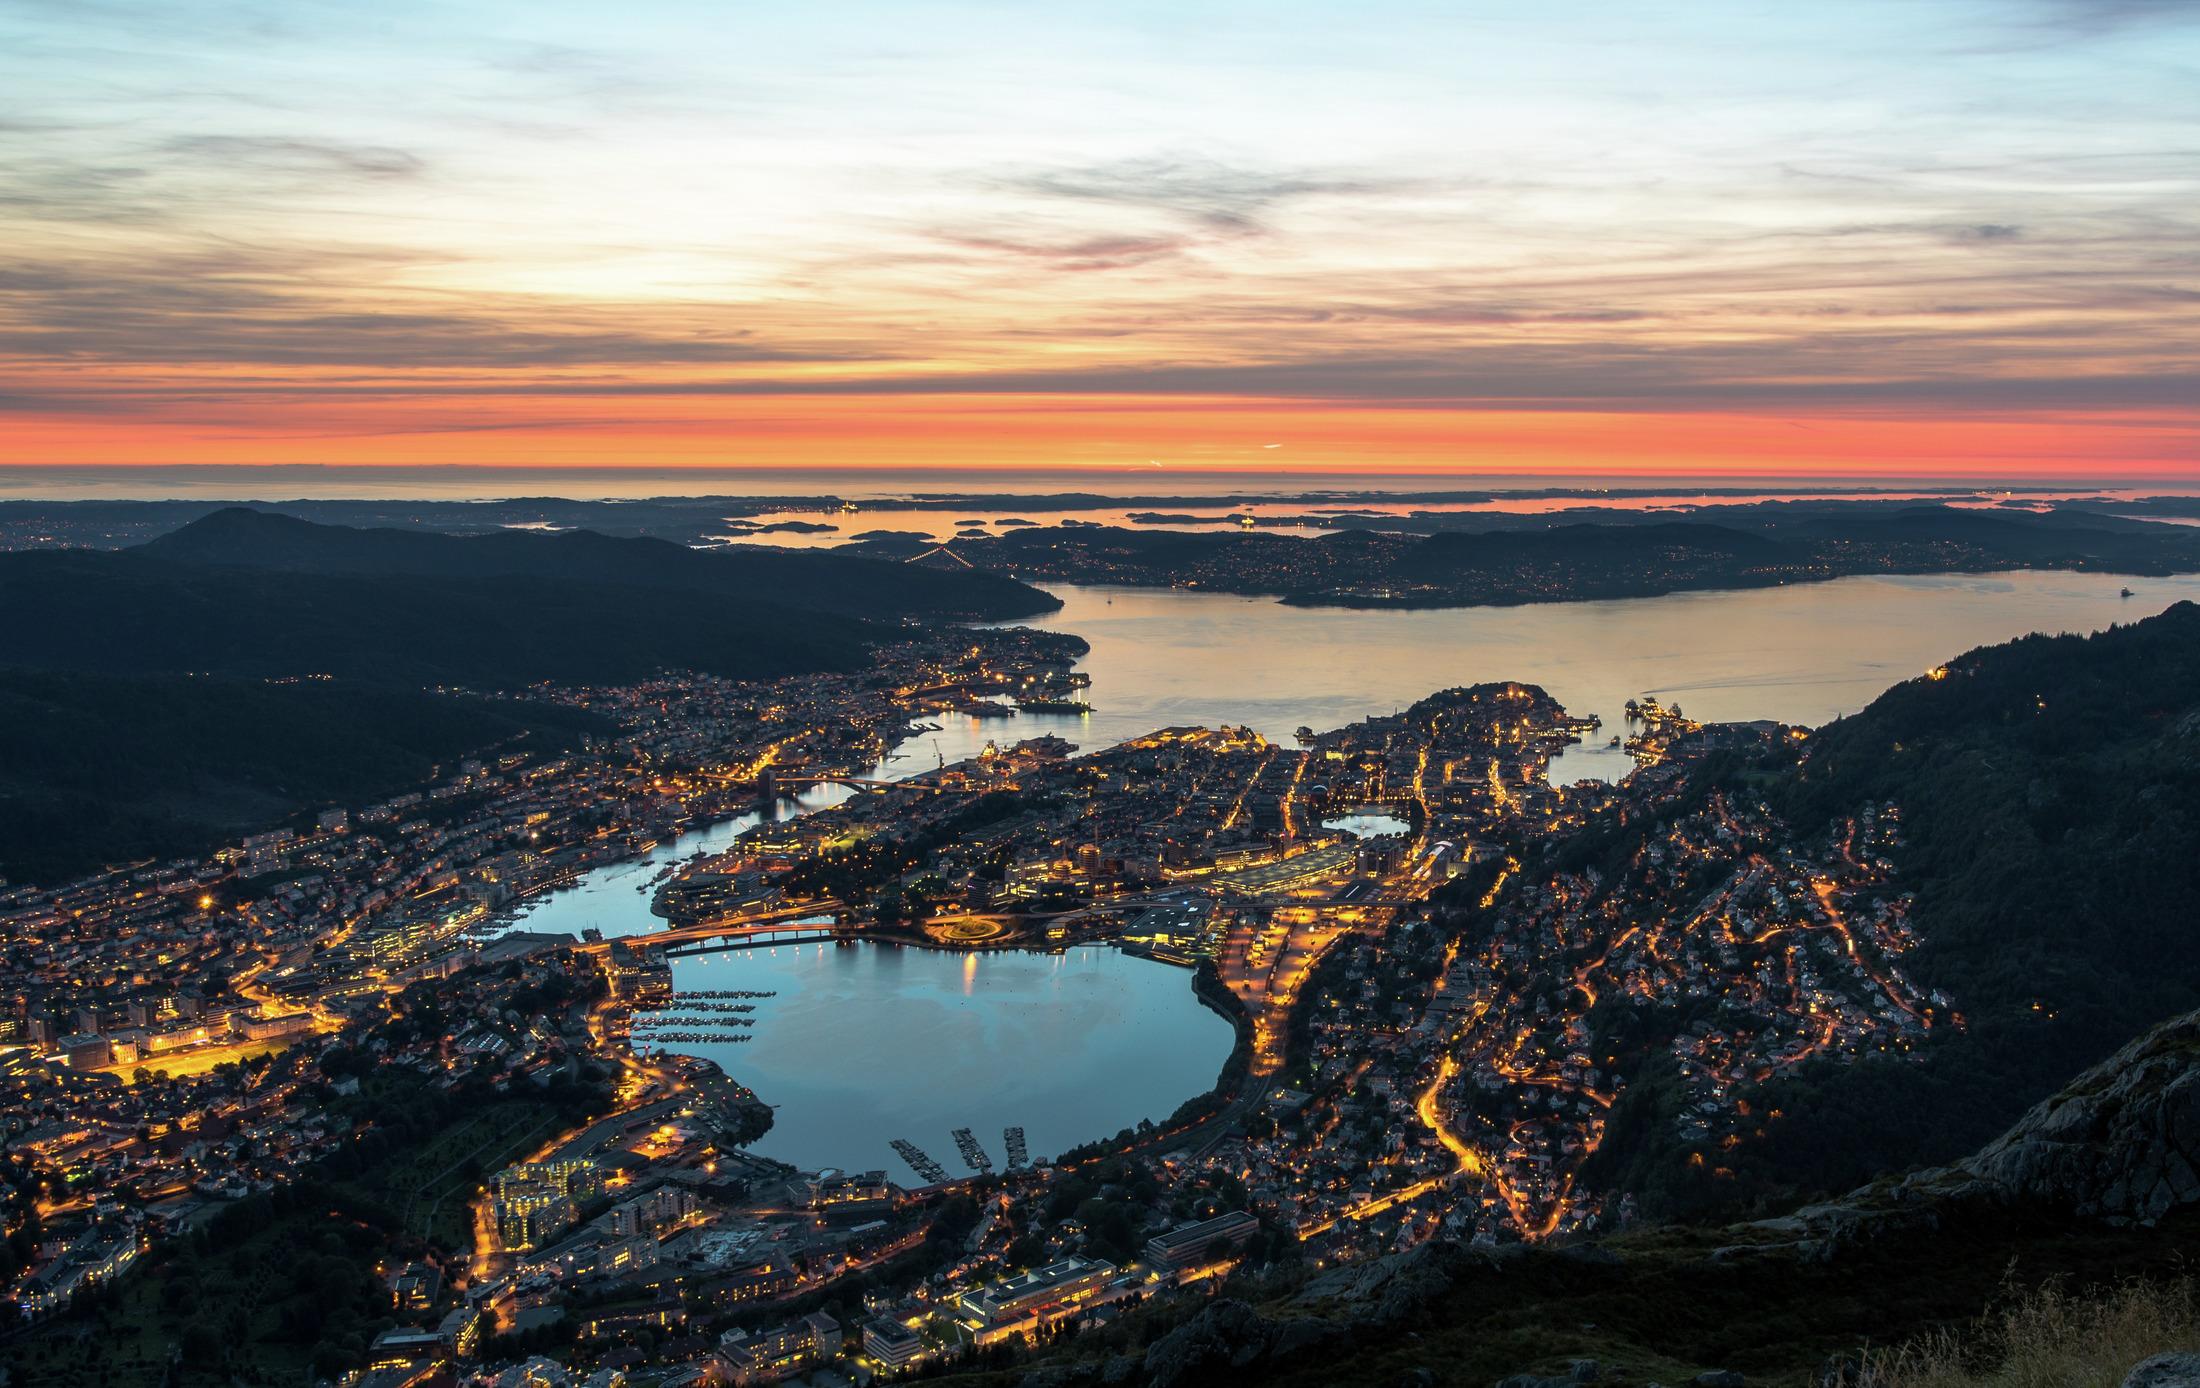 Sunset-Bergen-012016-99-0059_2200